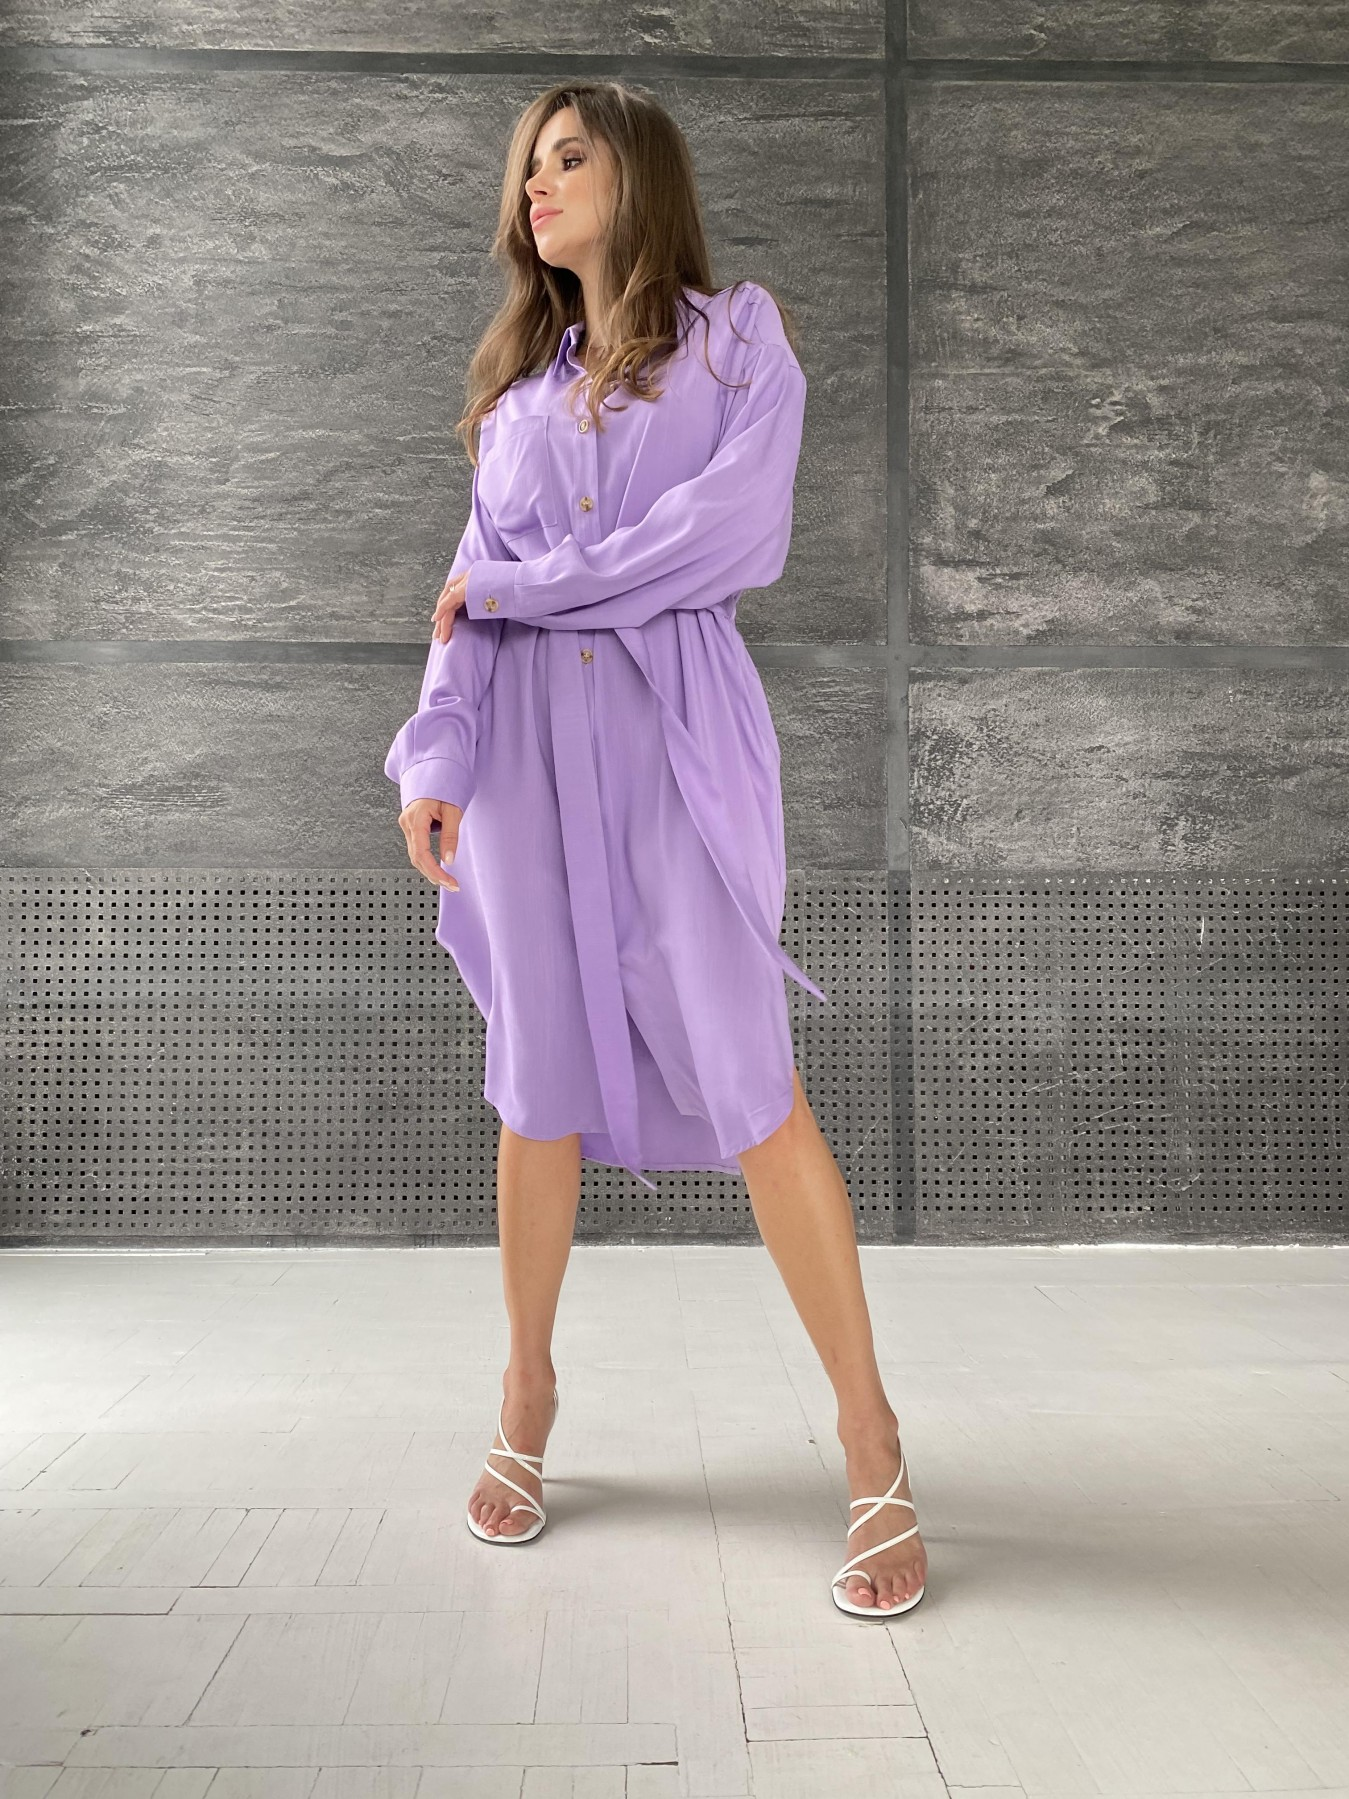 Сиэтл  рубашка миди лен вискоза не стрейч 11607 АРТ. 48288 Цвет: Лаванда - фото 3, интернет магазин tm-modus.ru